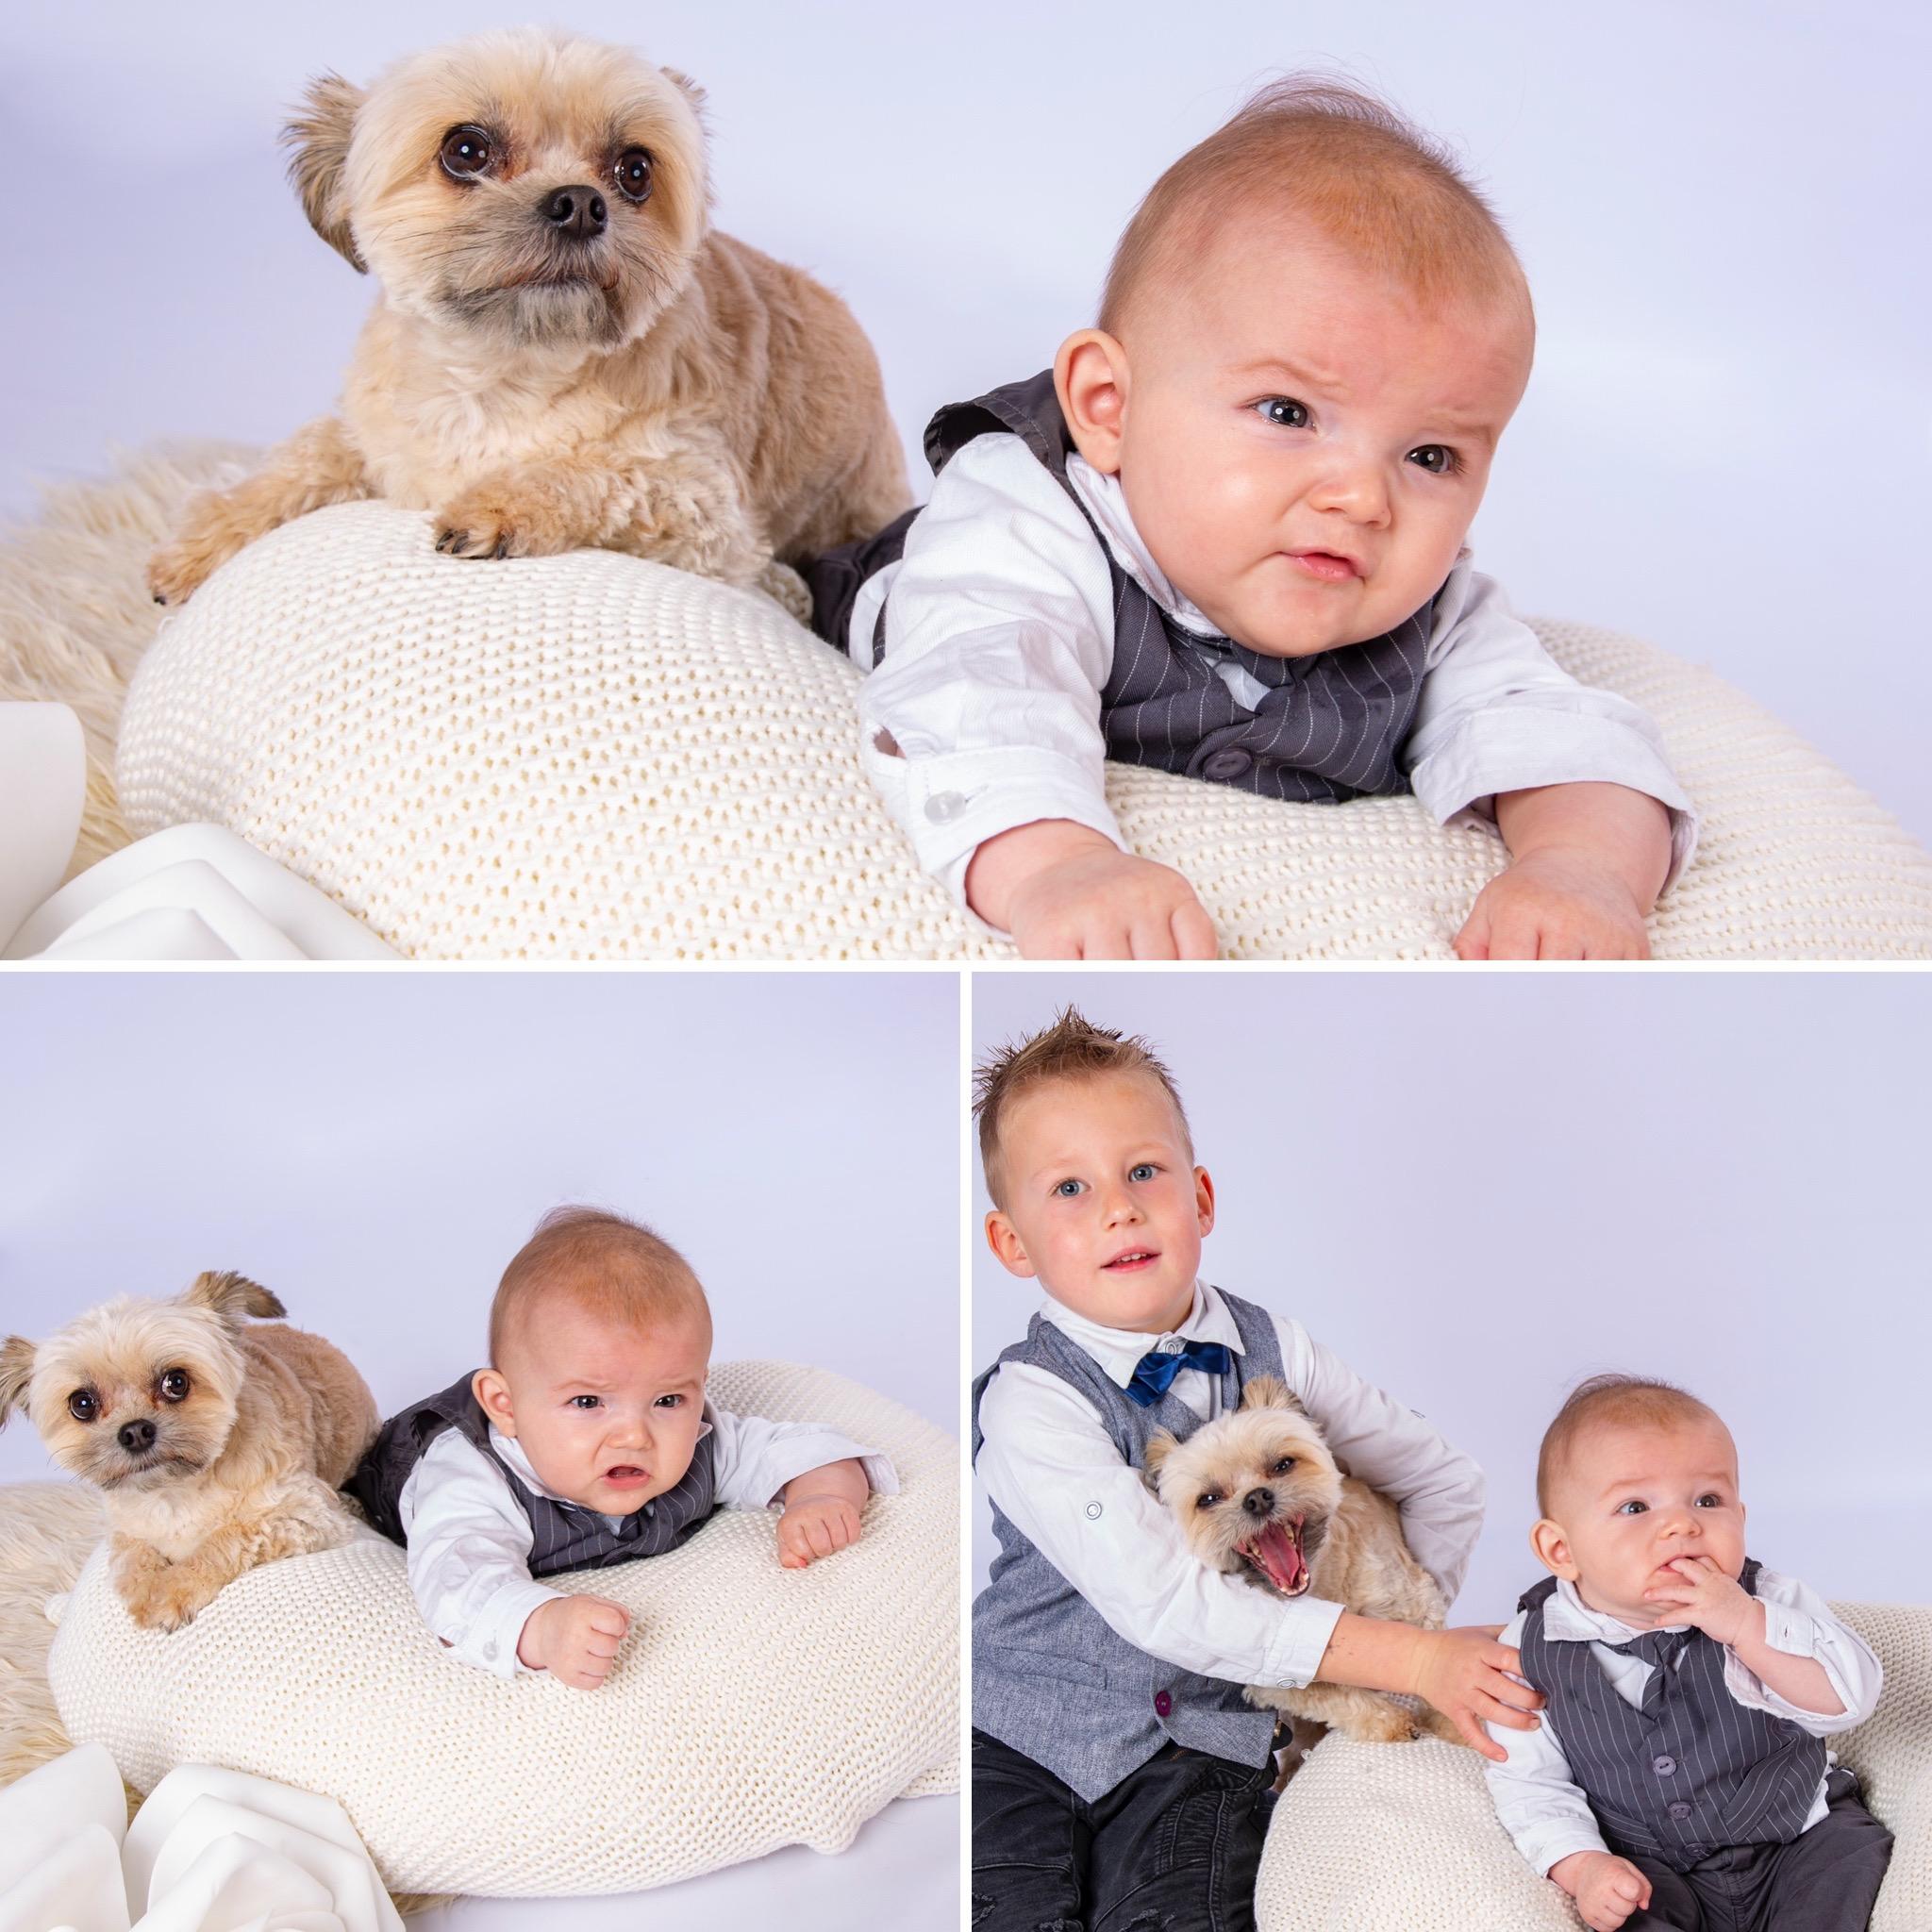 Geschwister Fotoshooting mit Hund 🐶